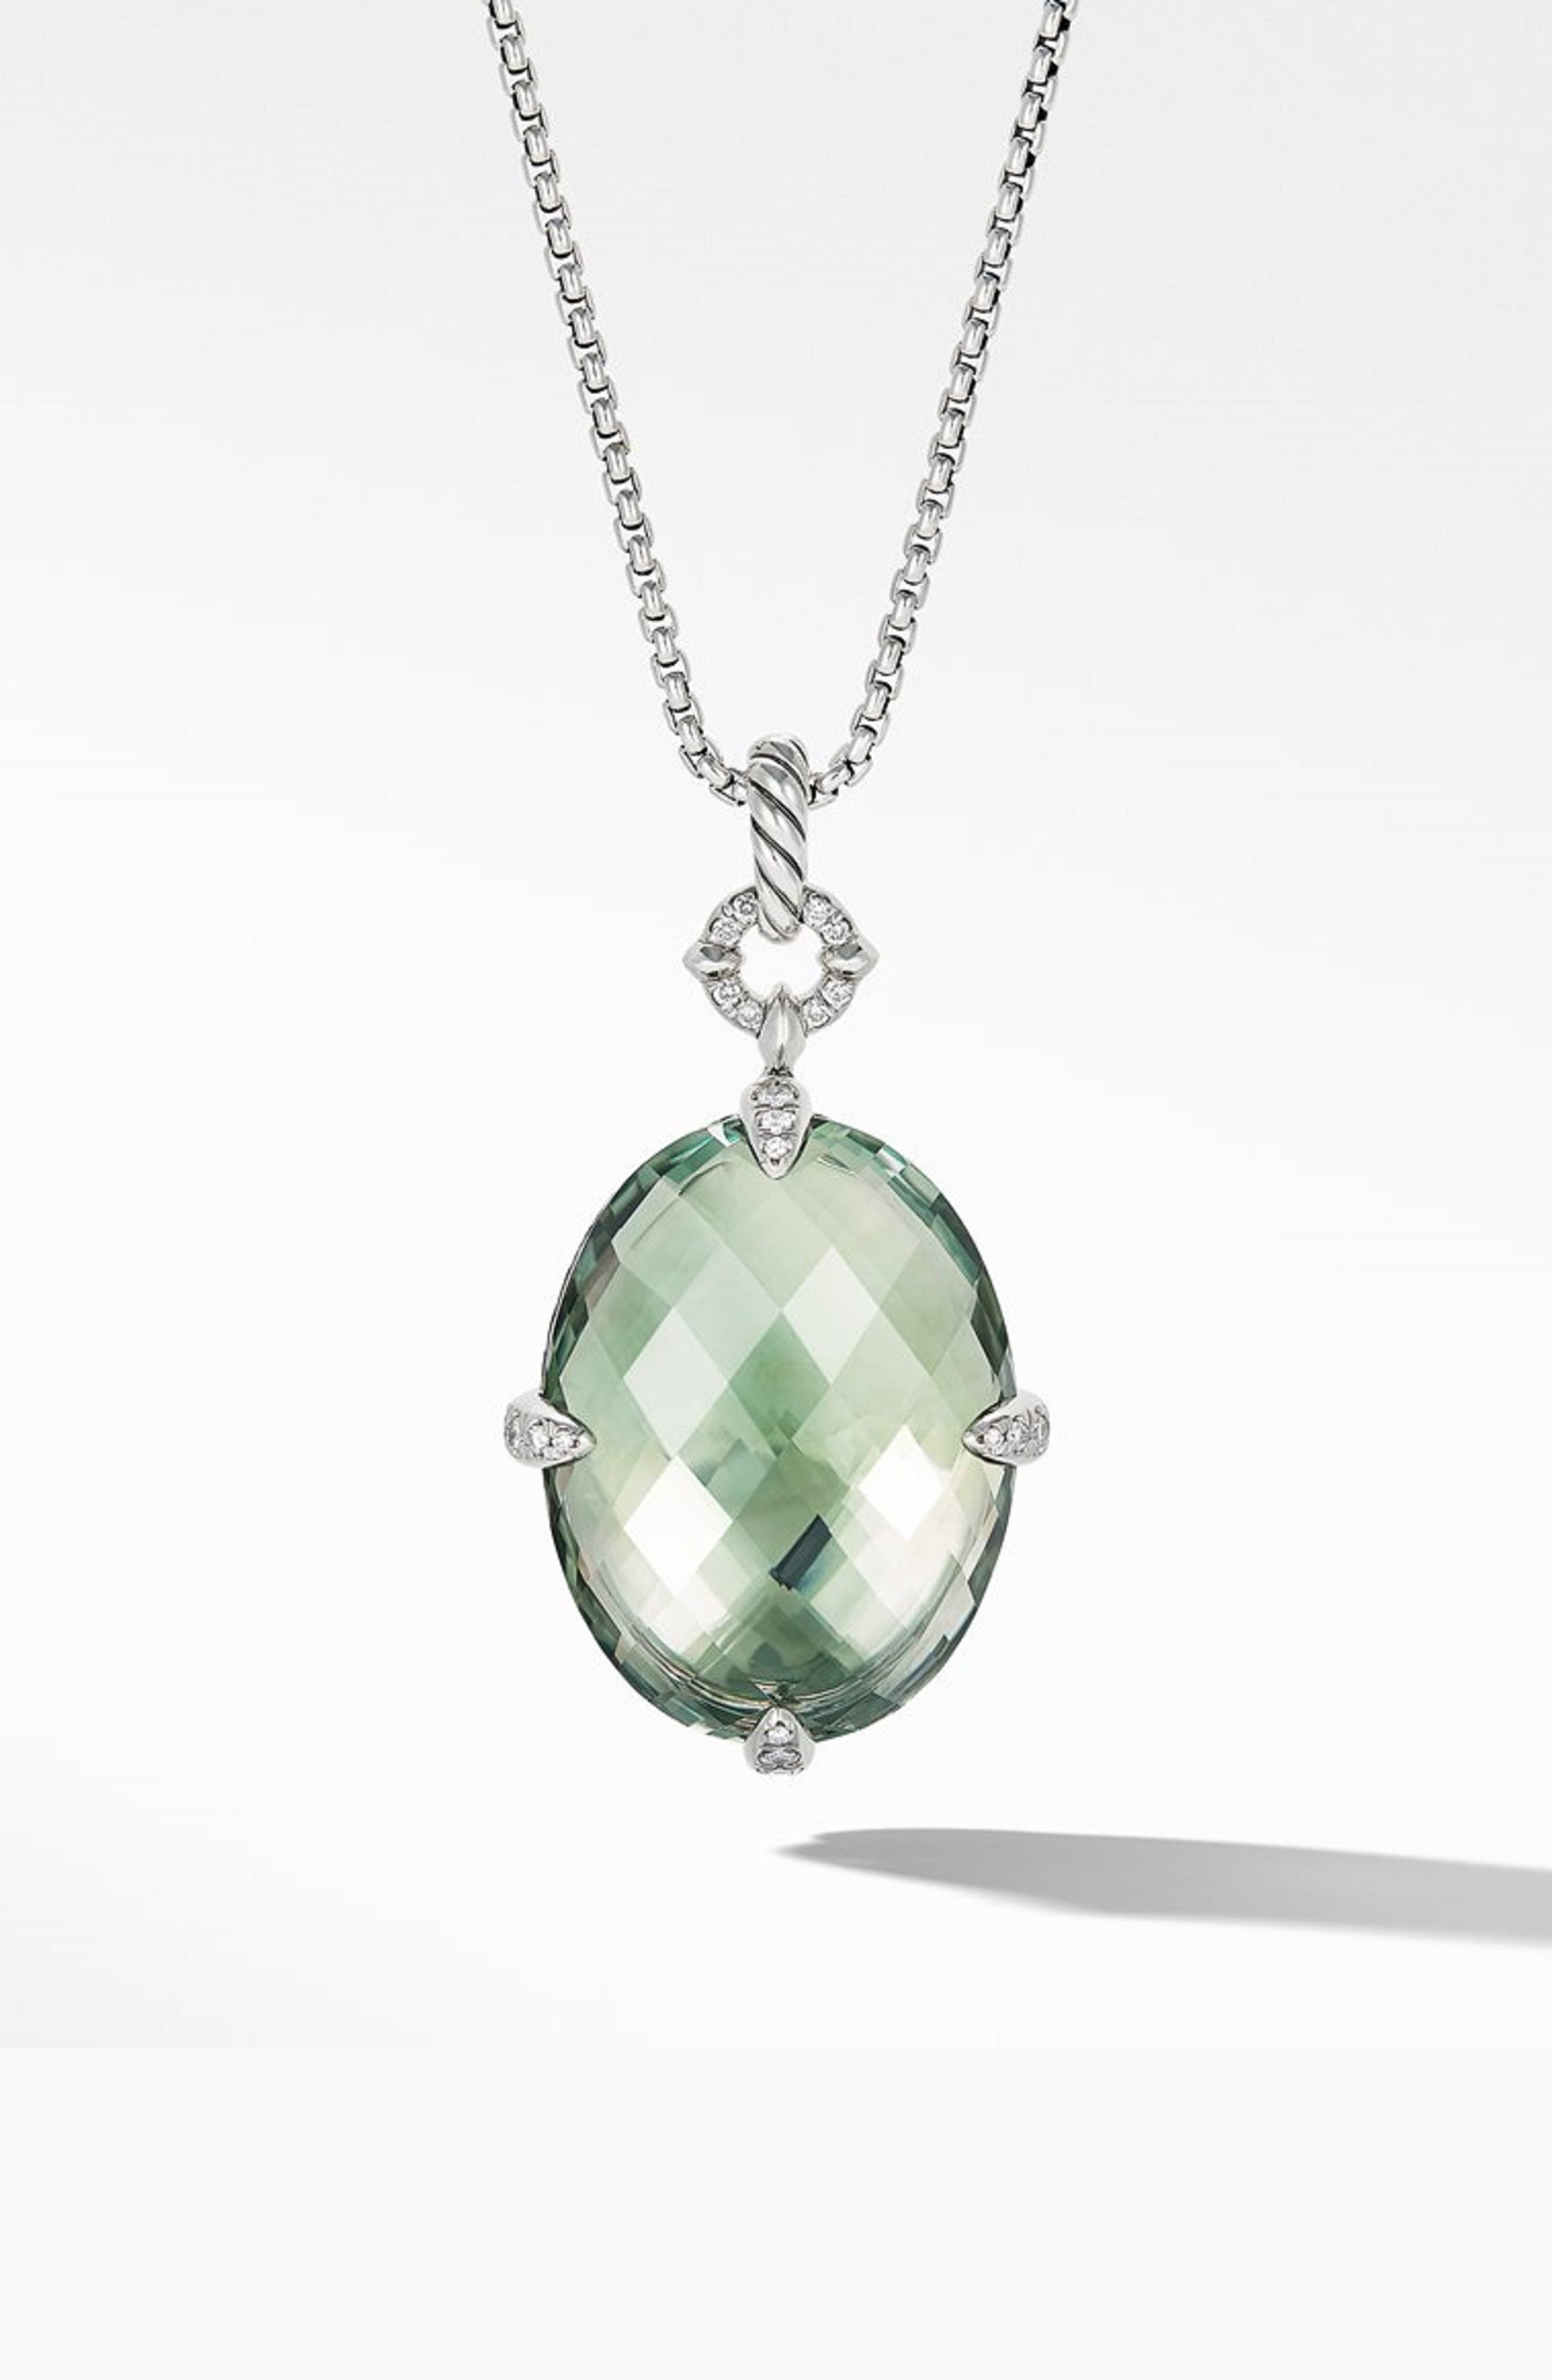 DAVID YURMAN Statement Prasiolite Pendant Necklace with Diamonds, Main, color, SILVER/ DIAMOND/ PRASIOLITE